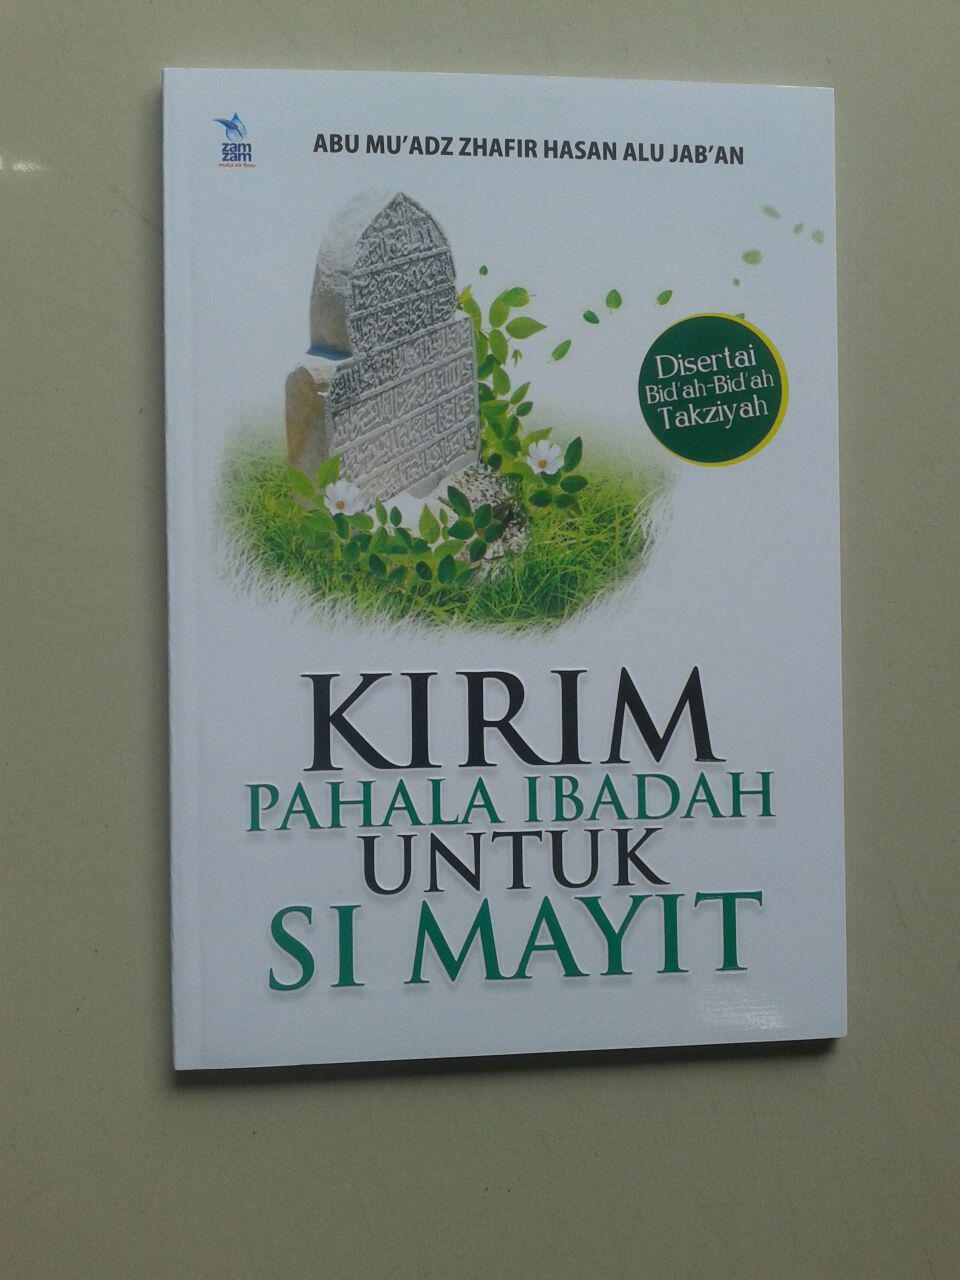 Buku Kirim Pahala Ibadah Untuk Si Mayit & Bid'ah Bid'ah Takziyah cover 2